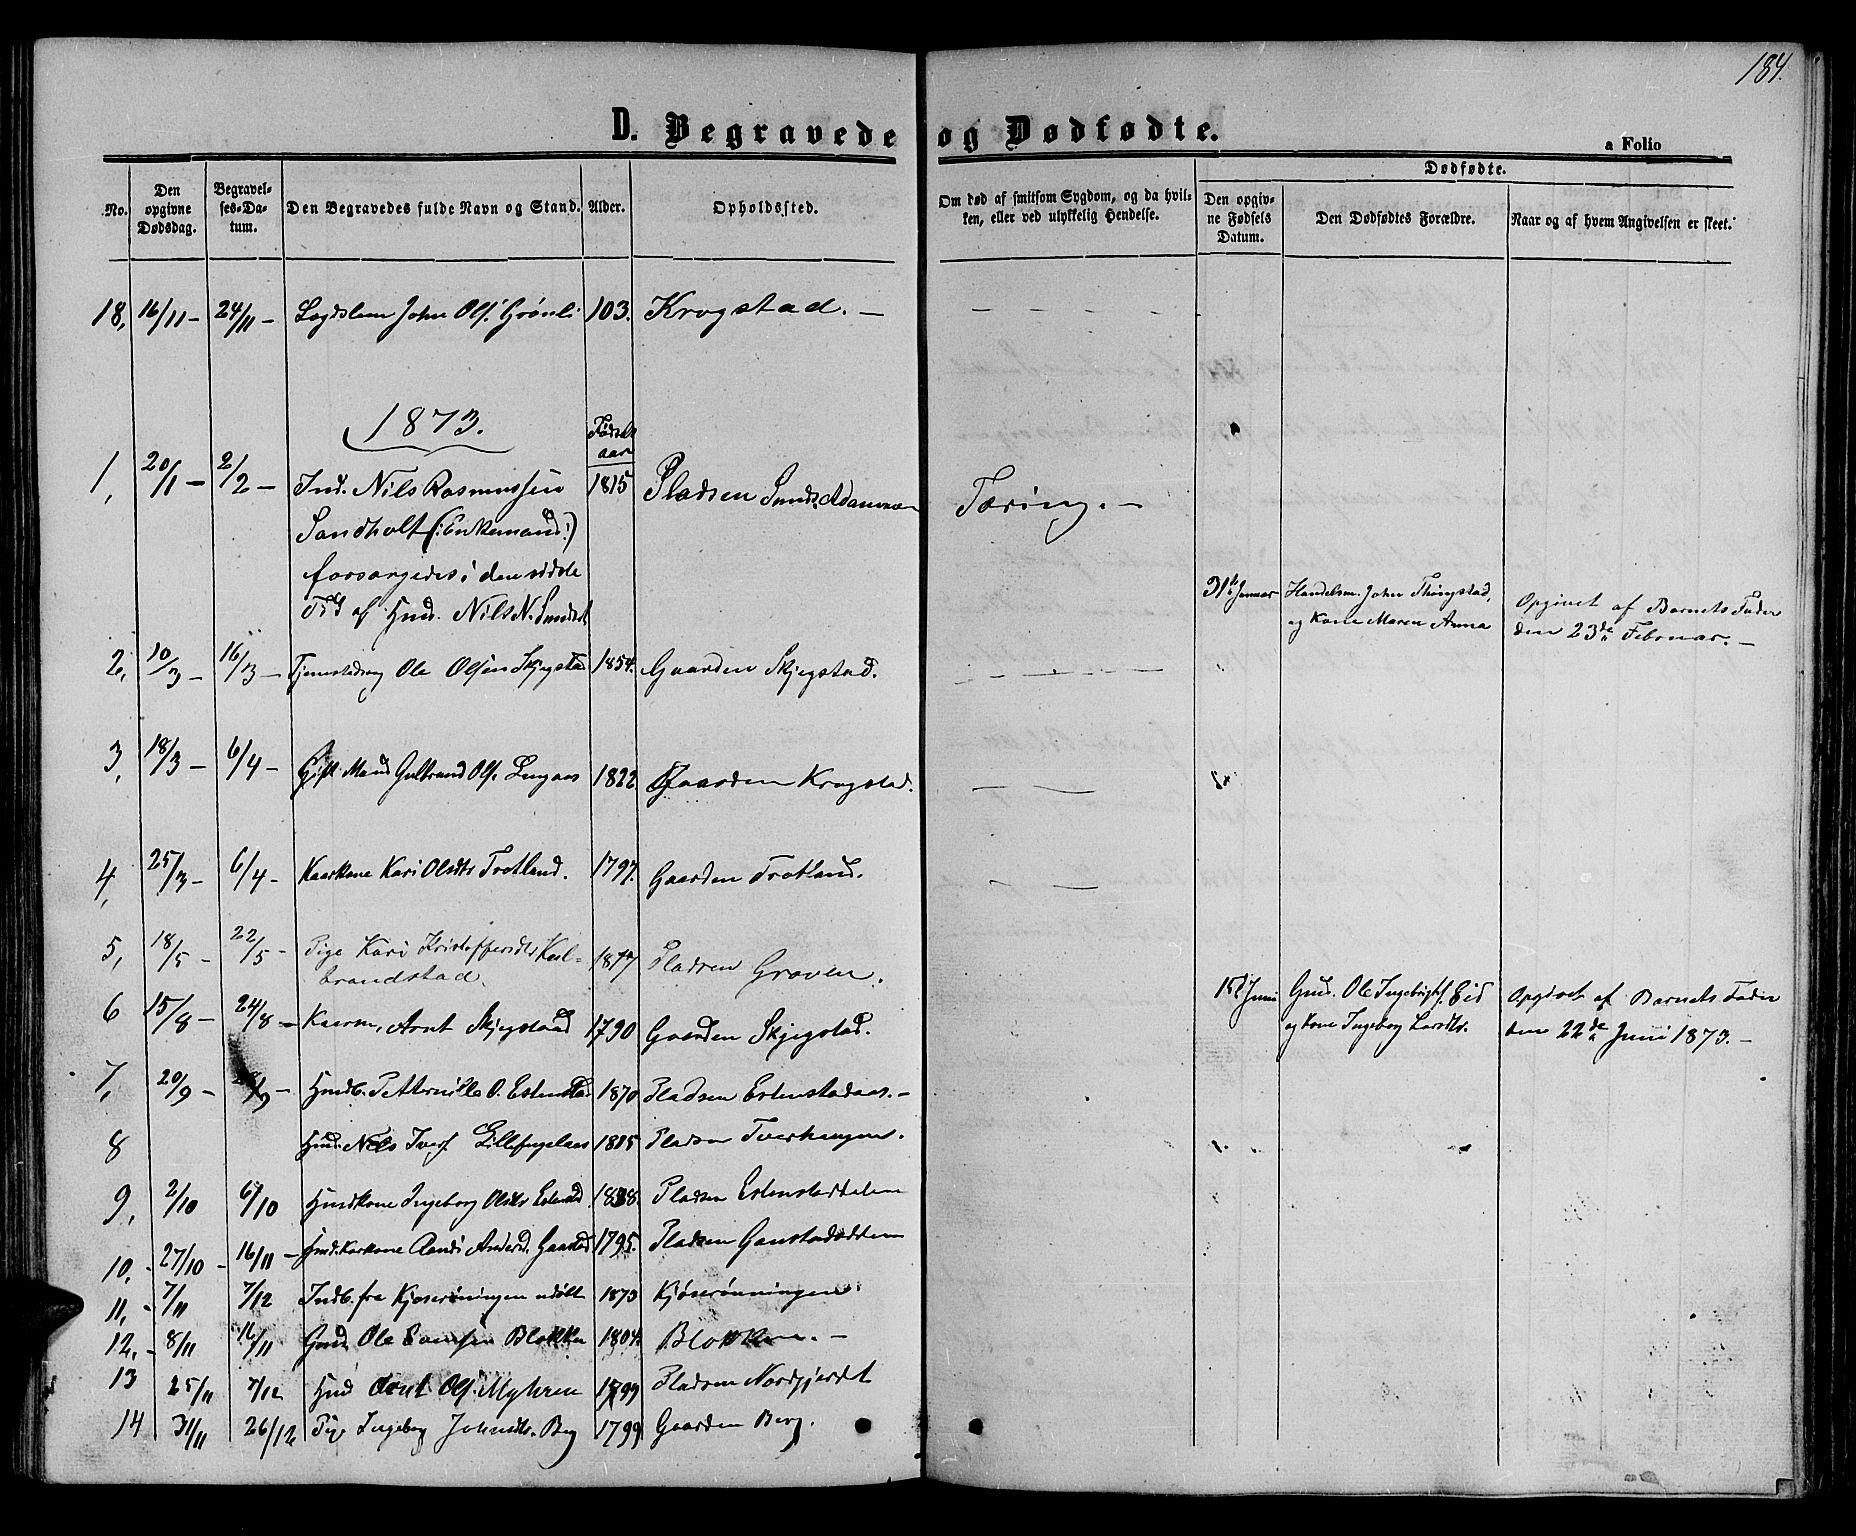 SAT, Ministerialprotokoller, klokkerbøker og fødselsregistre - Sør-Trøndelag, 694/L1131: Klokkerbok nr. 694C03, 1858-1886, s. 184